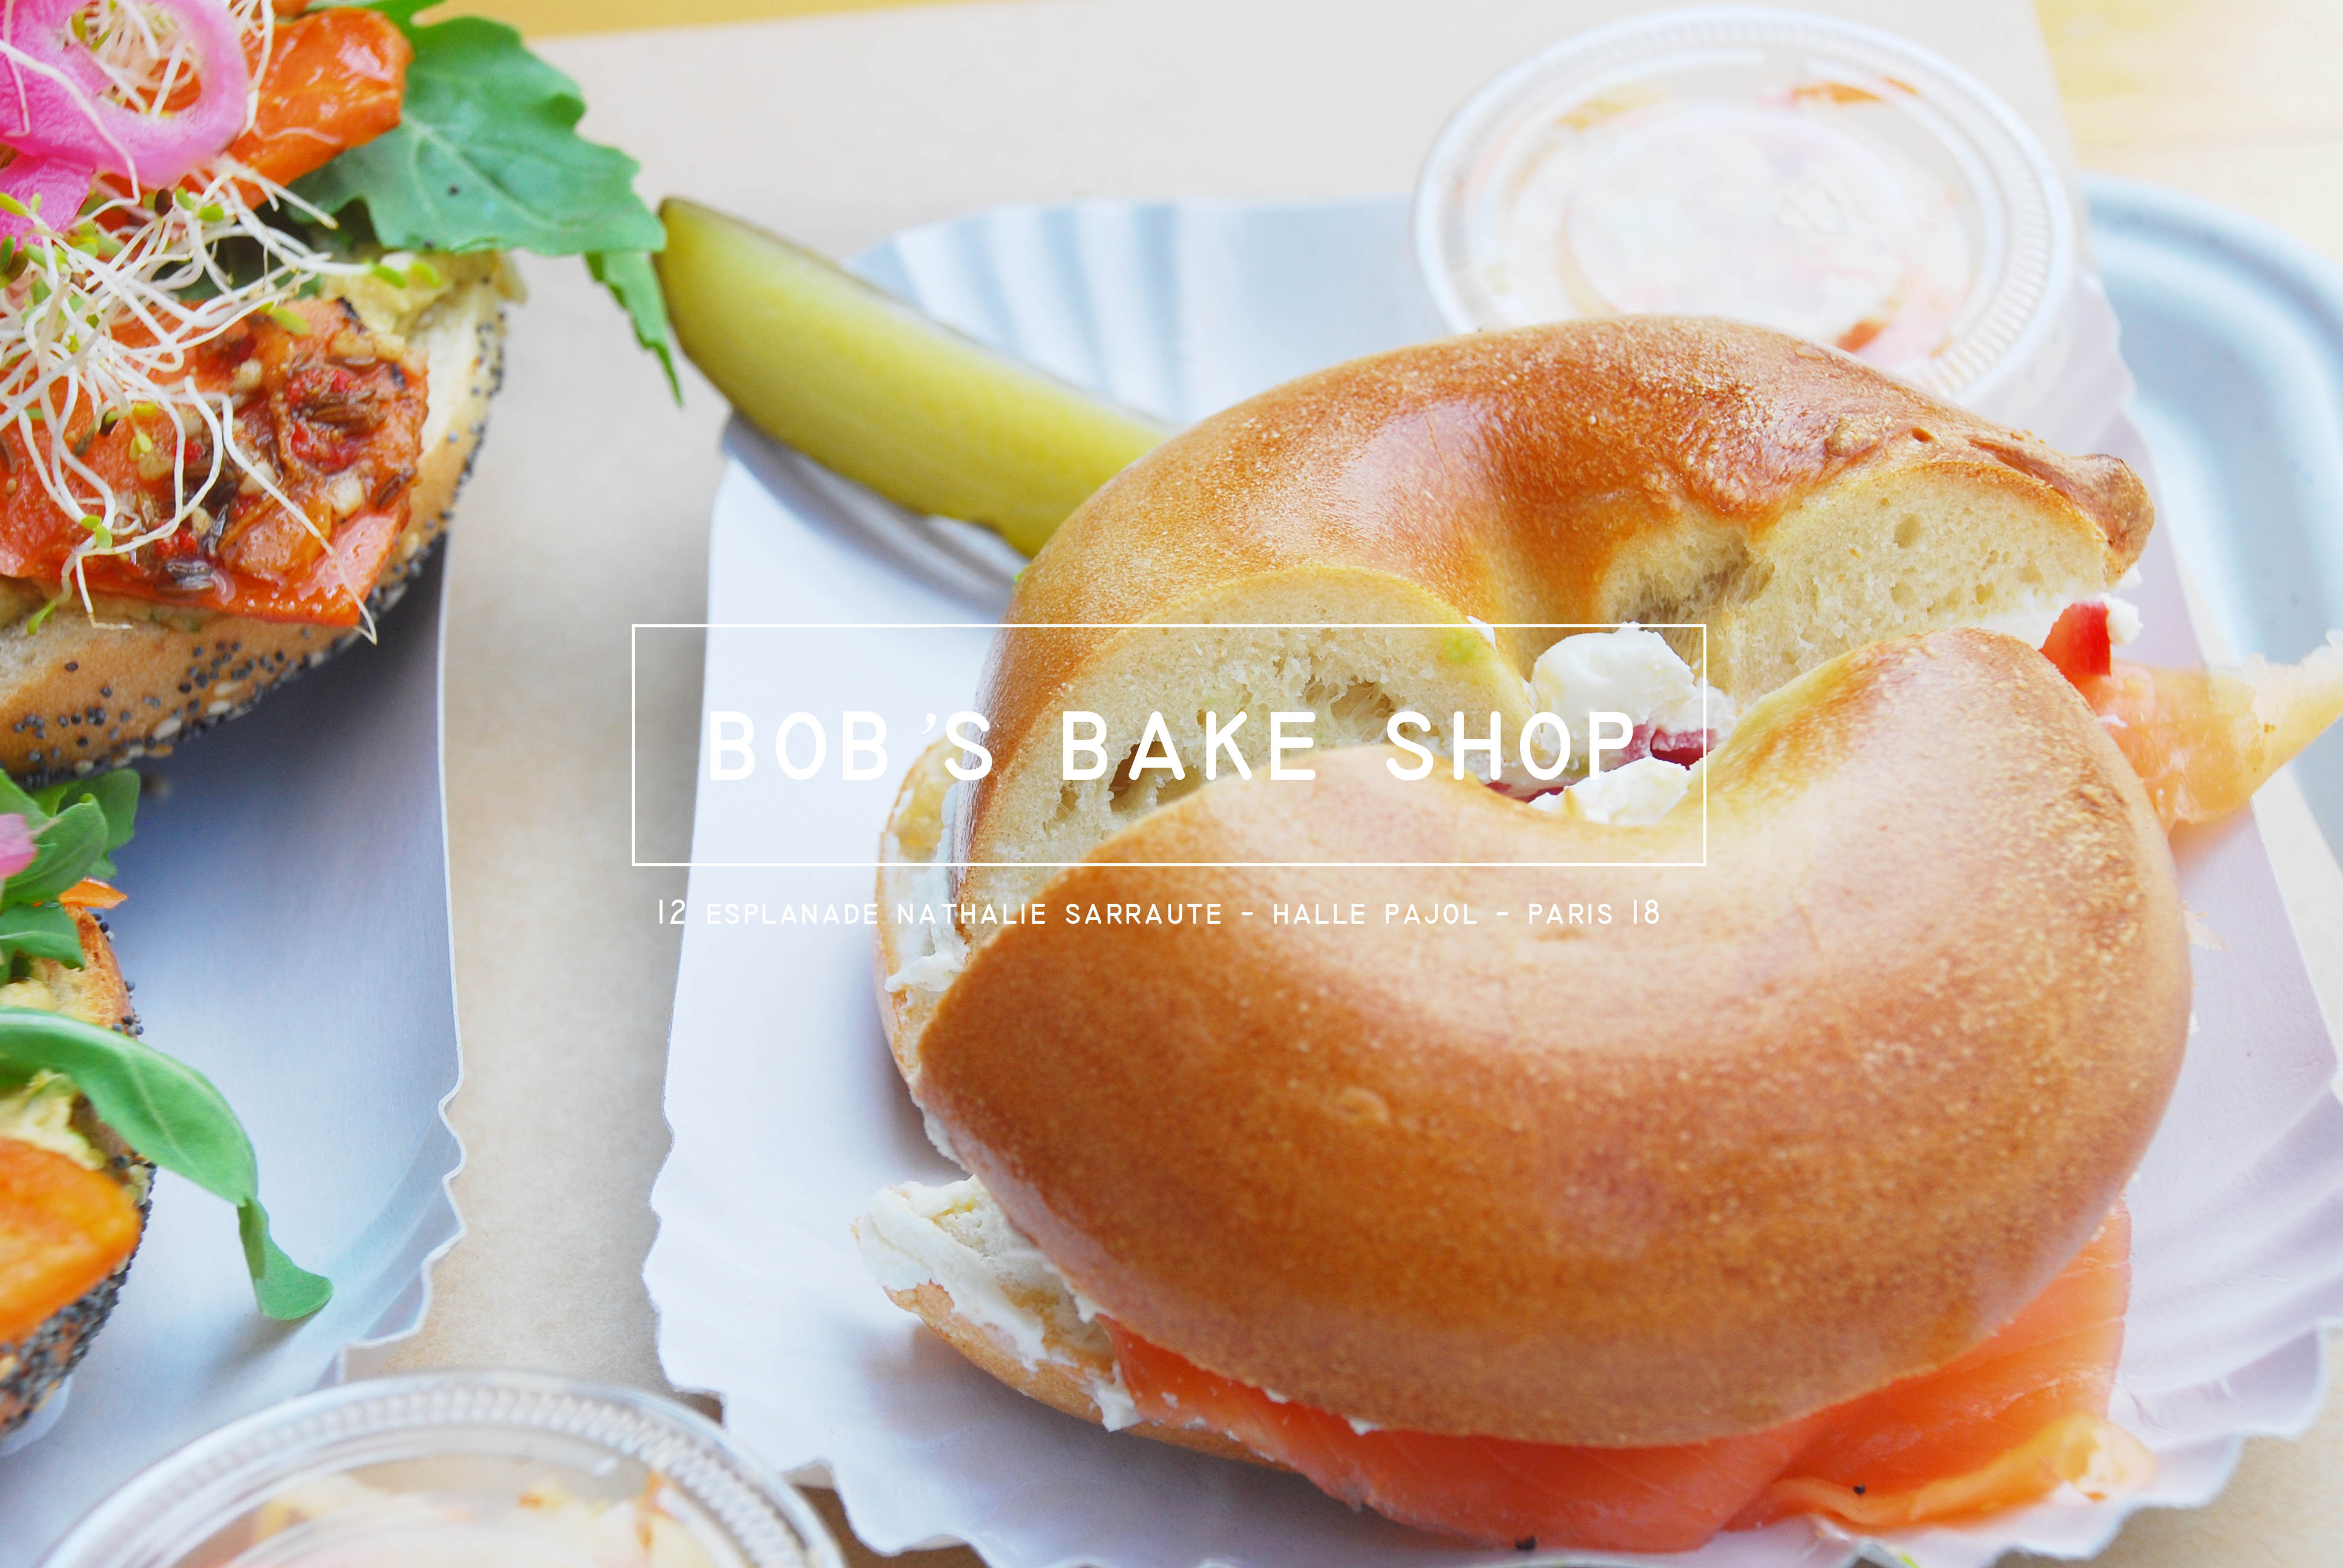 bob's-bake-shop-boulangerie-cafe-patisserie-paris-halle-pajol-americain-by-le-polyedre_visuel